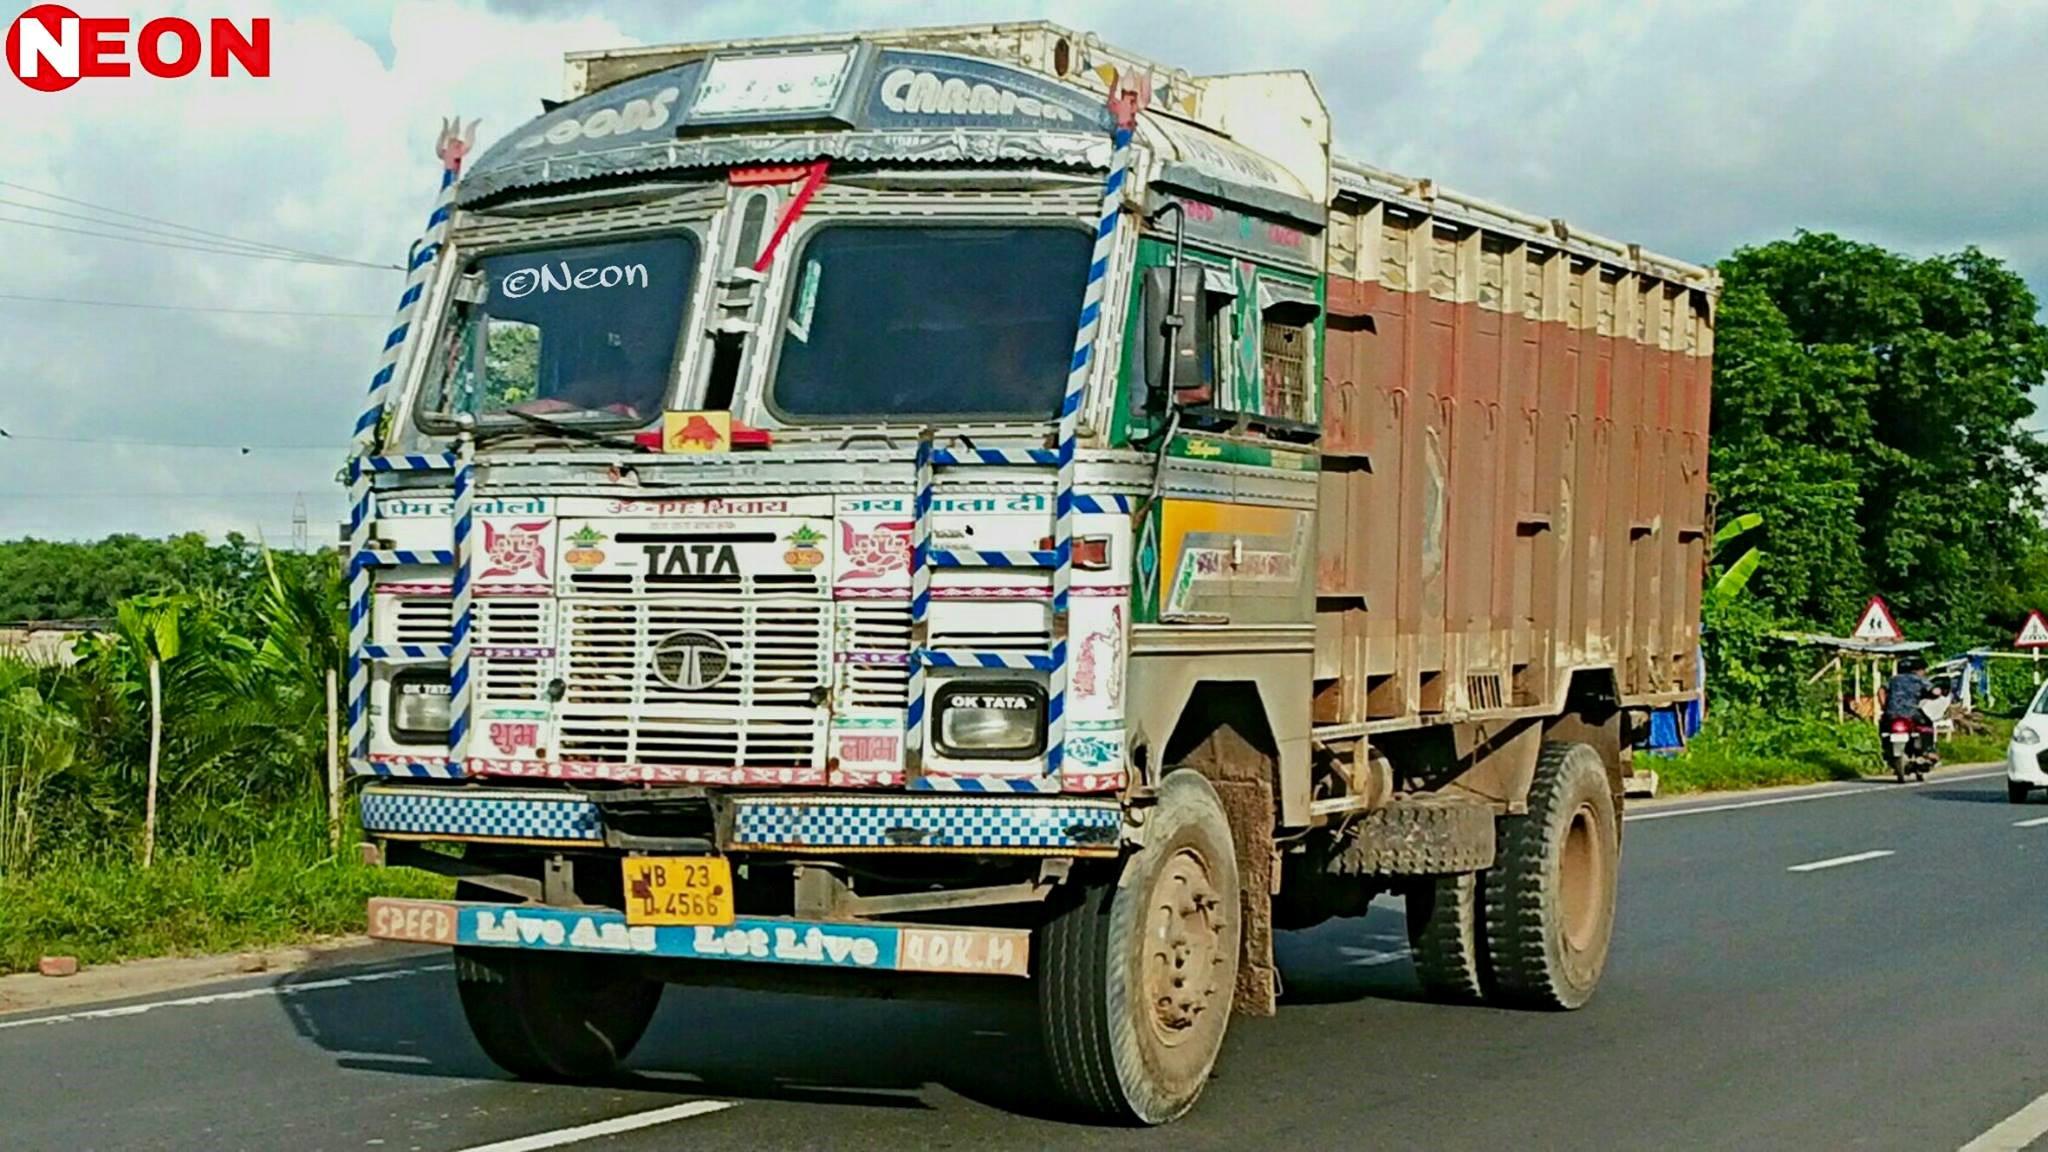 Tata-1613-C-West-Bengal-India-